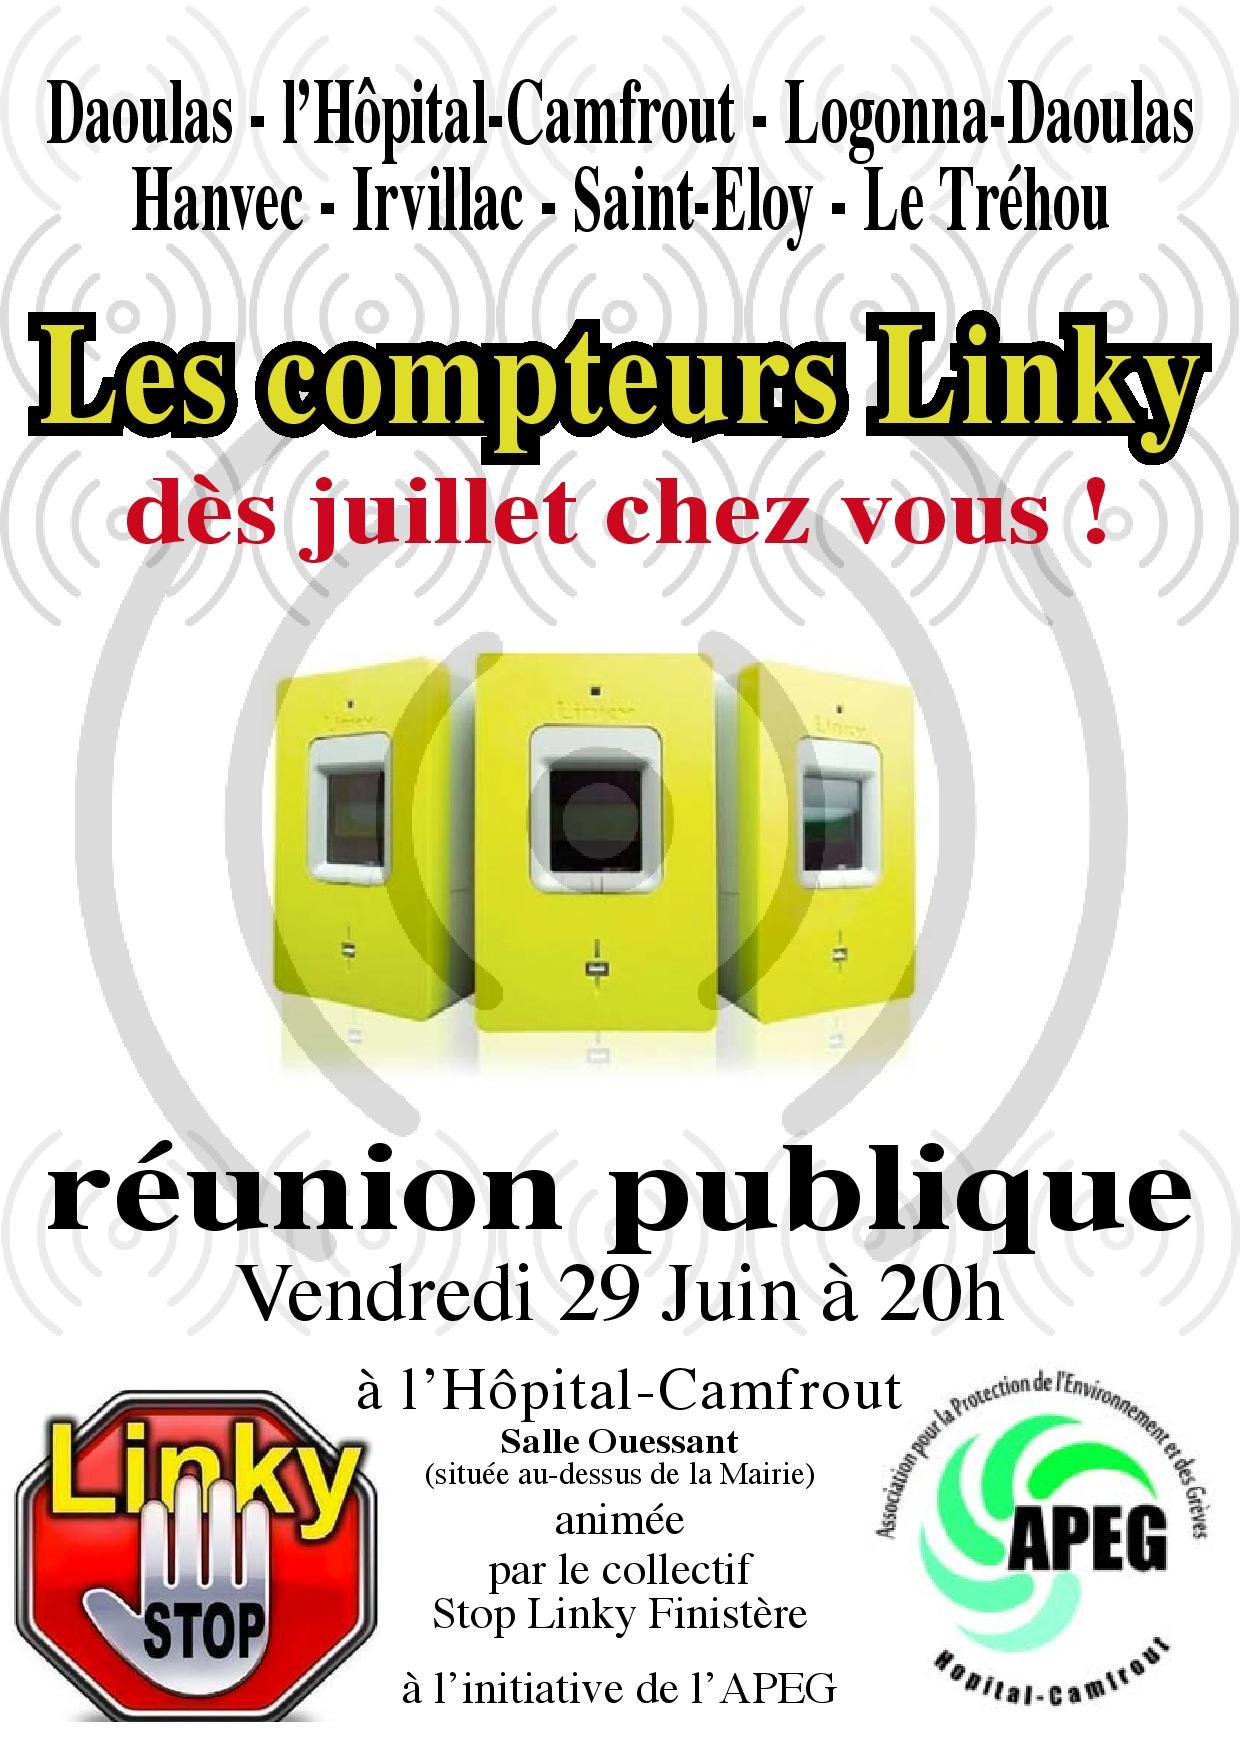 Affiche-2-re__union-publique-29-juin (1)-page-001.jpg